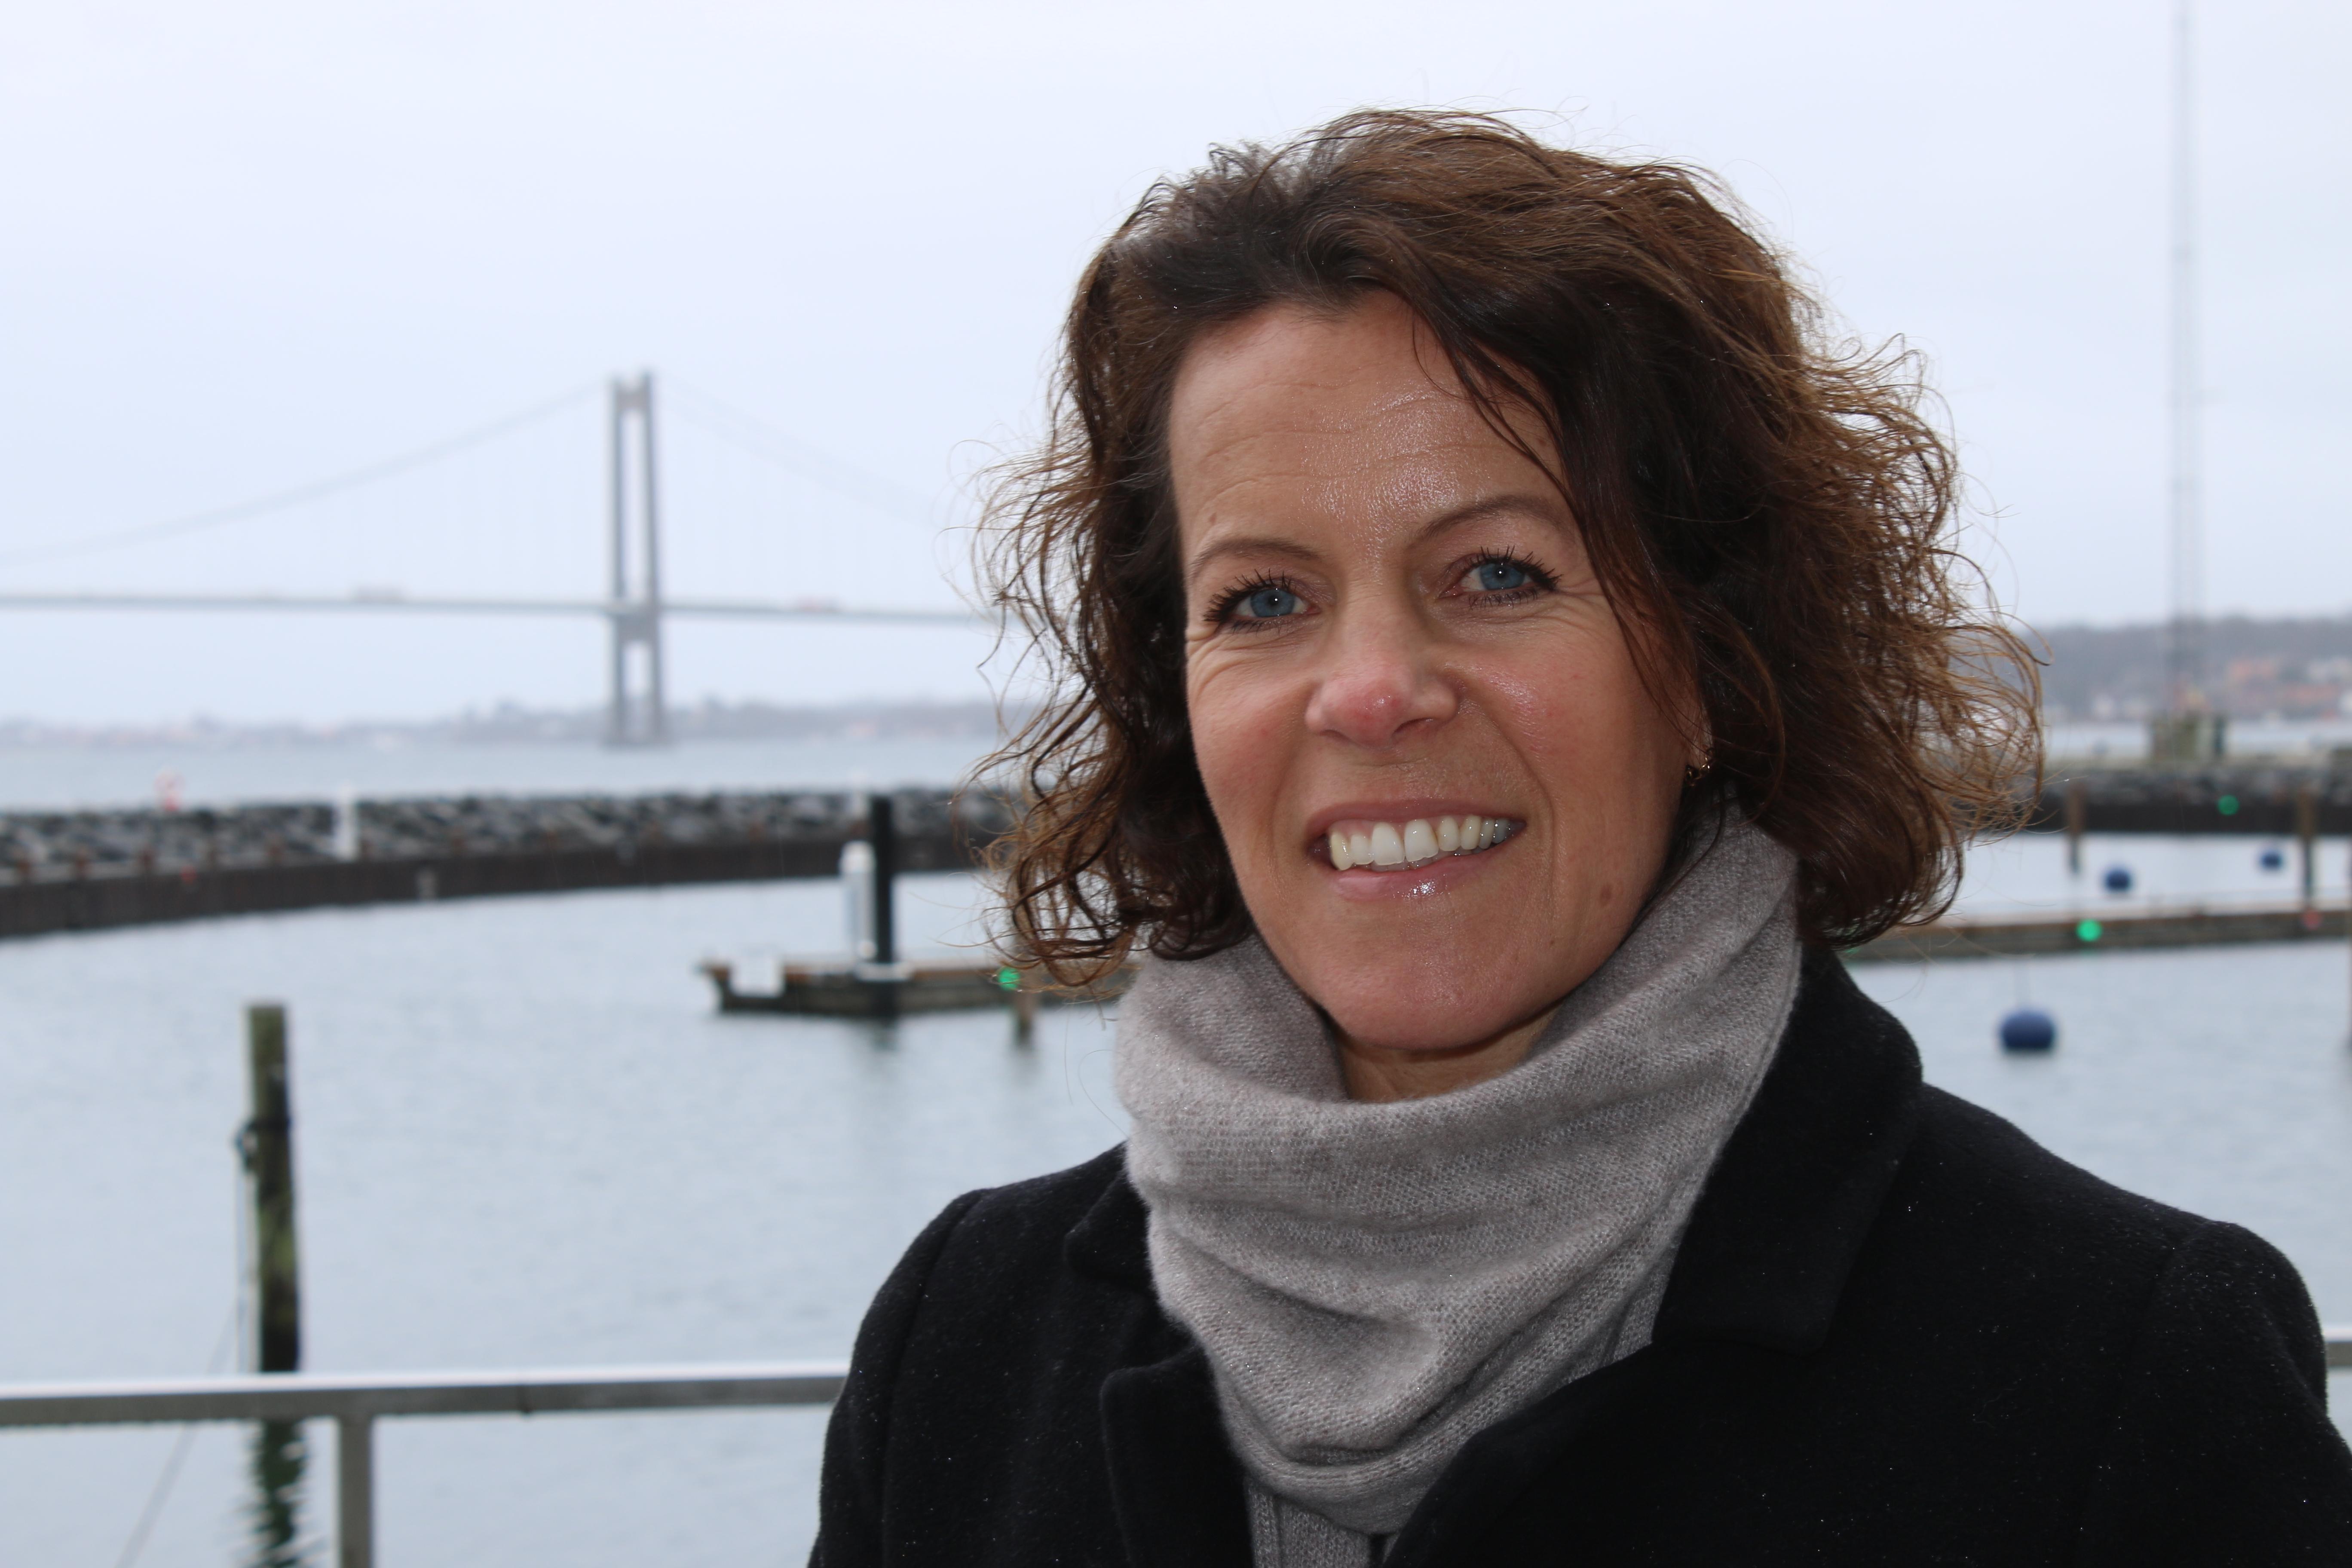 Et af de største danskejede hotelkæder, Comwell, har fået Vibeke Stentoft som ny hotelchef på Comwell Kongebrogaarden i Middelfart, hentet fra direktørstilling hos konkurrenten Sixtus Sinatur Hotel & Konference i Middelfart. Foto: Comwell.